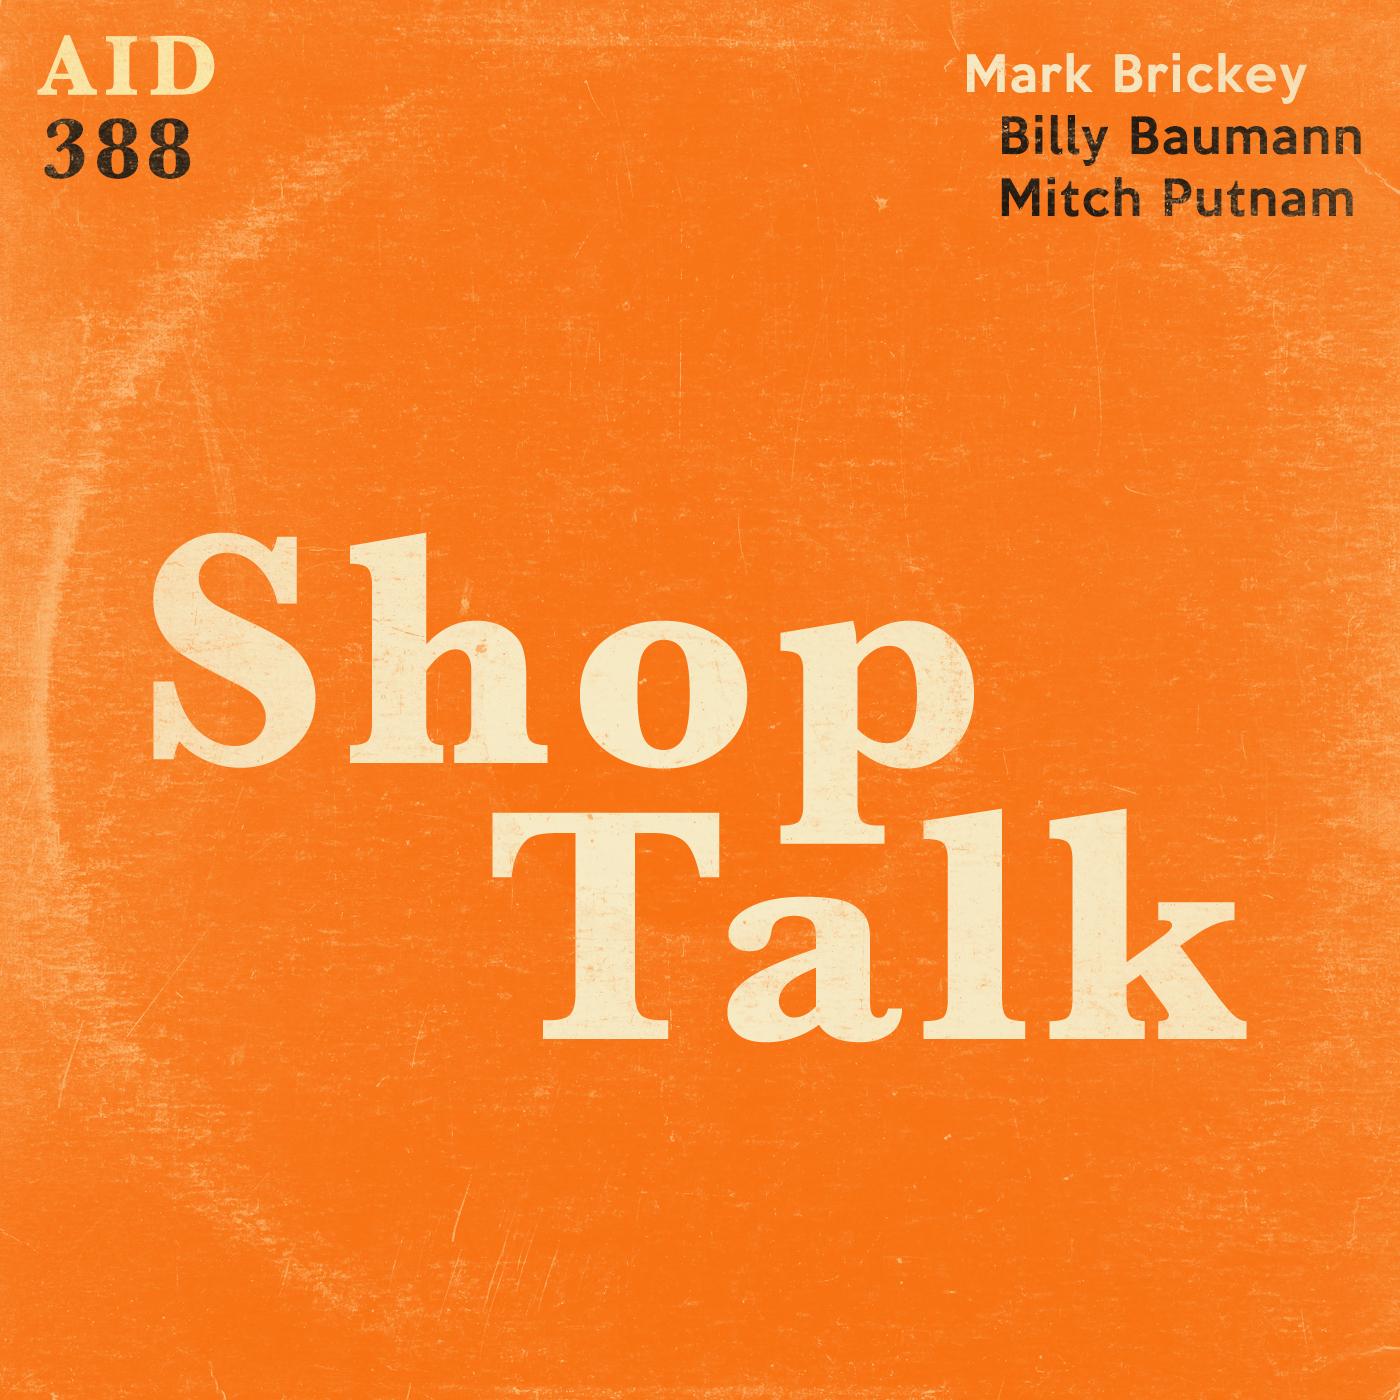 Episode 388 - Shop Talk with Billy Baumann and Mitch Putnam